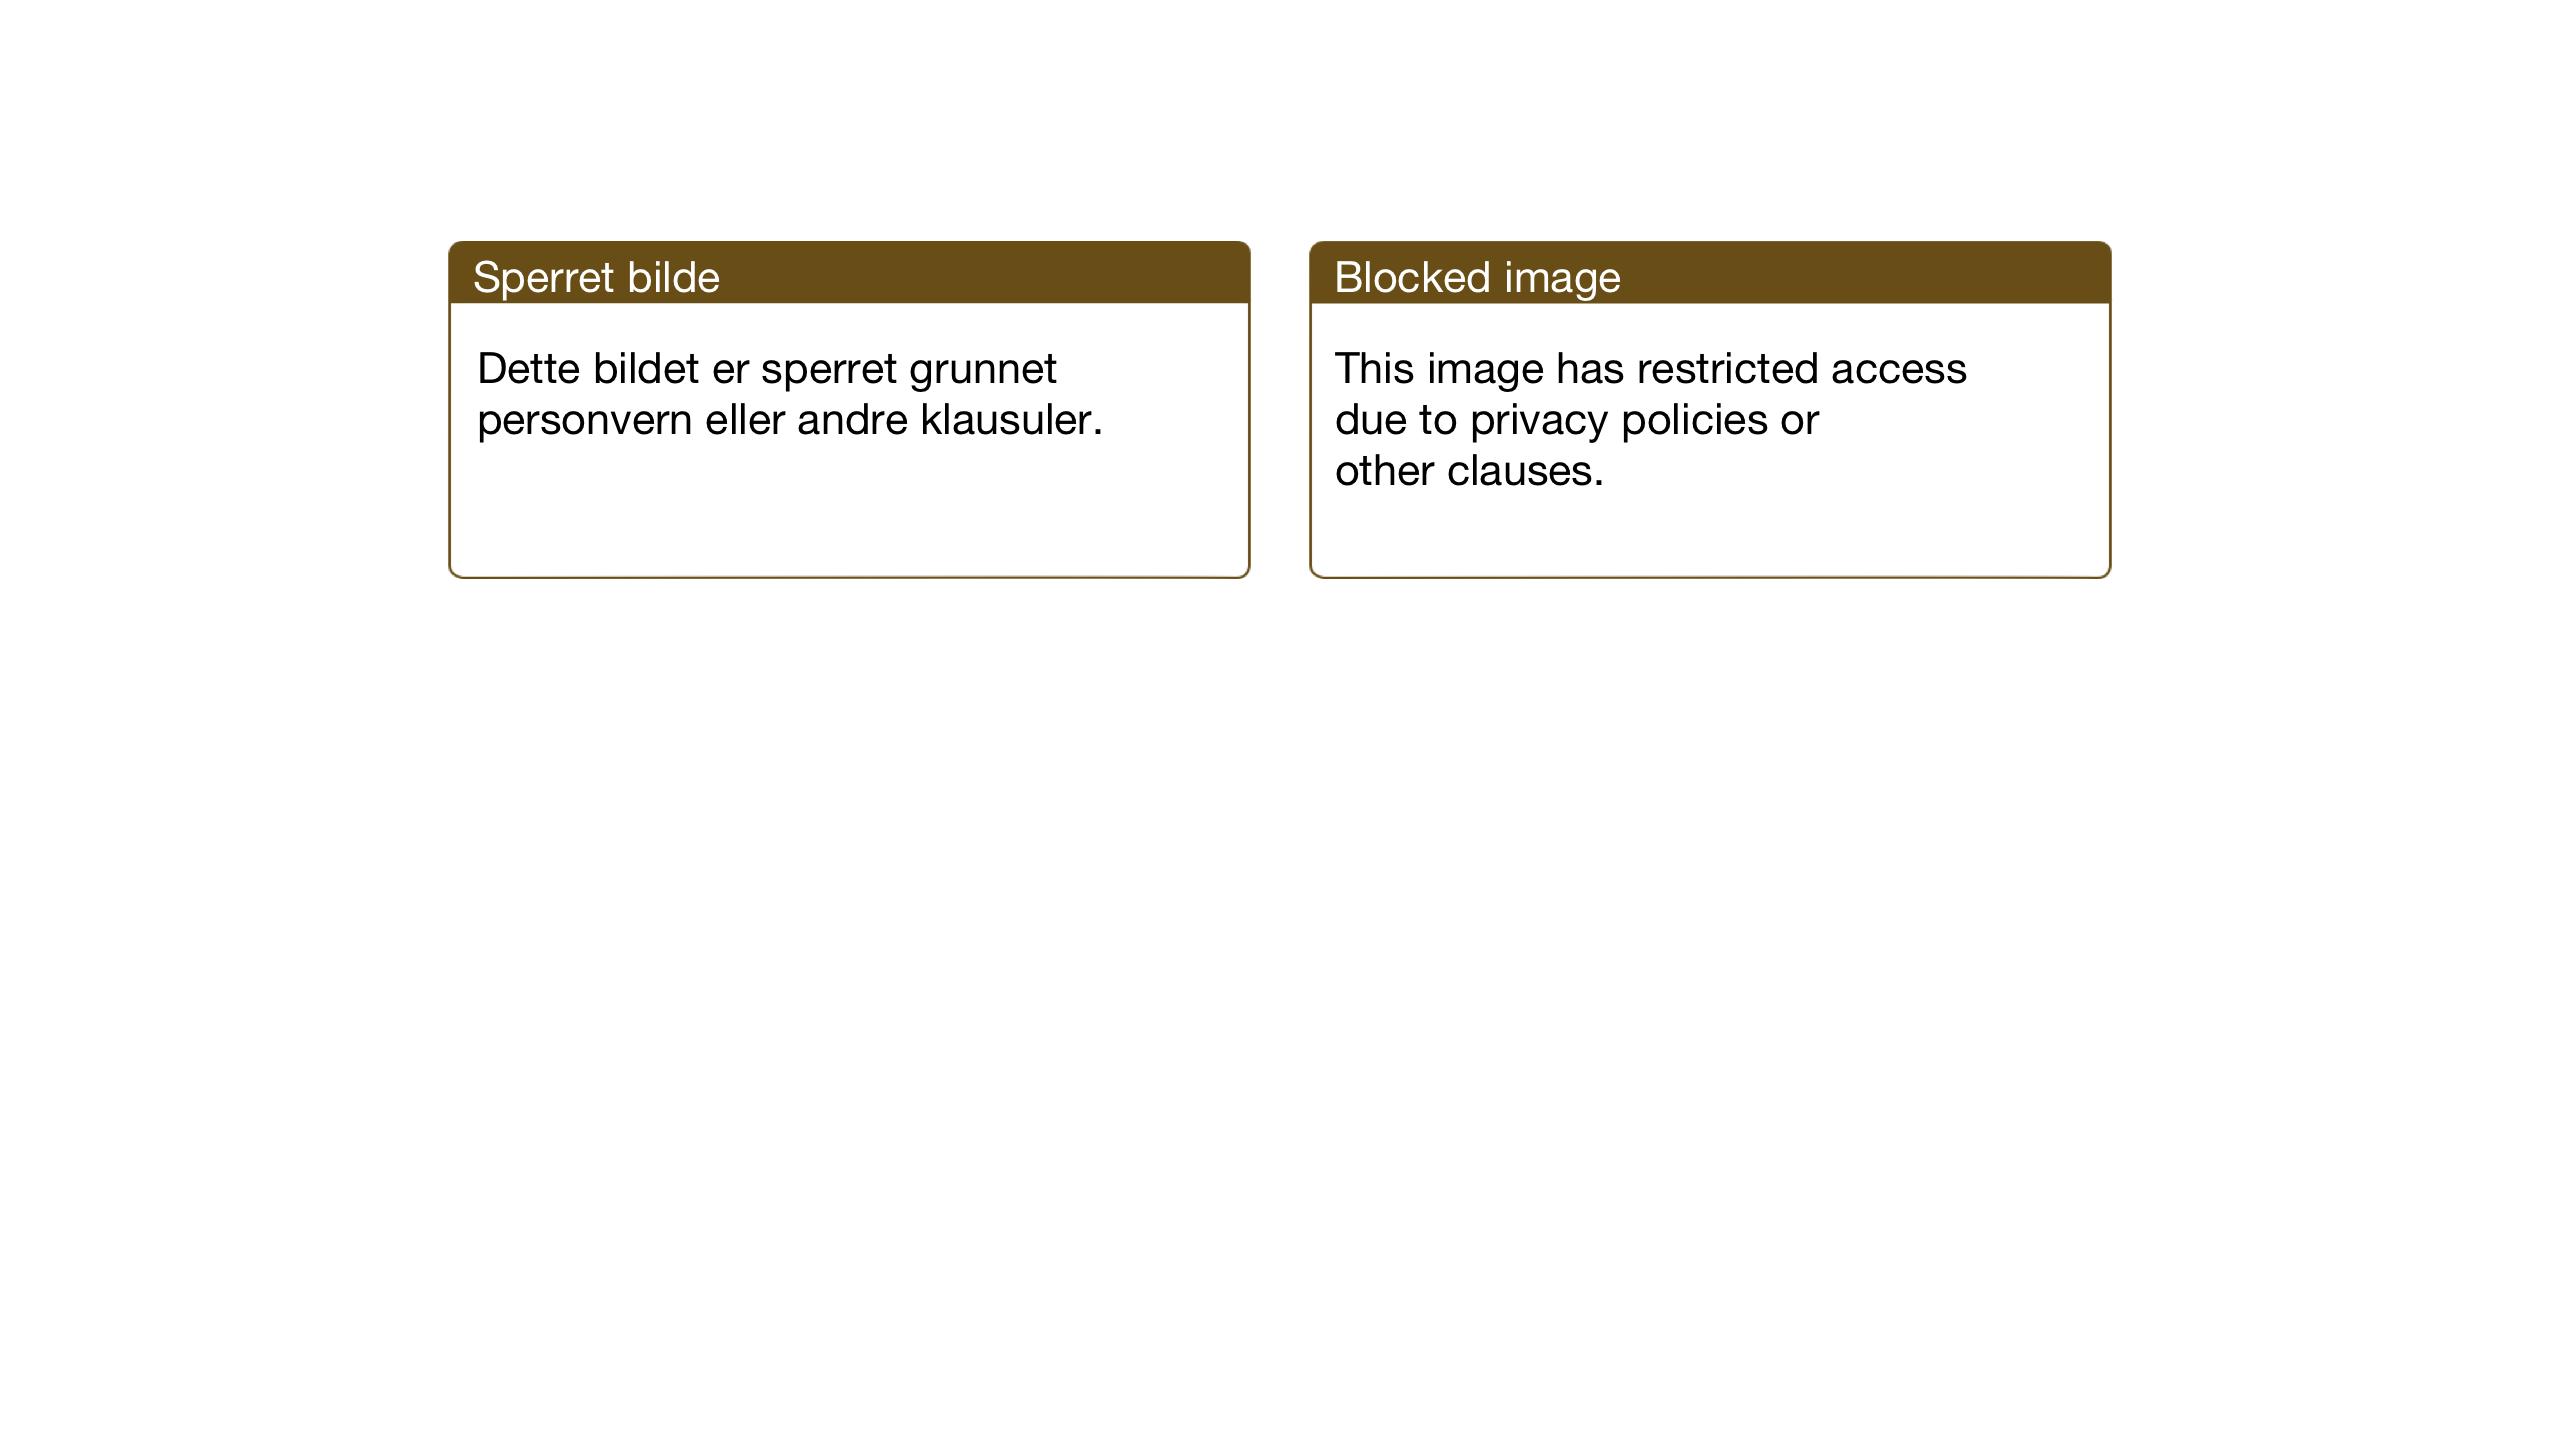 SAT, Ministerialprotokoller, klokkerbøker og fødselsregistre - Nord-Trøndelag, 774/L0631: Klokkerbok nr. 774C02, 1934-1950, s. 6